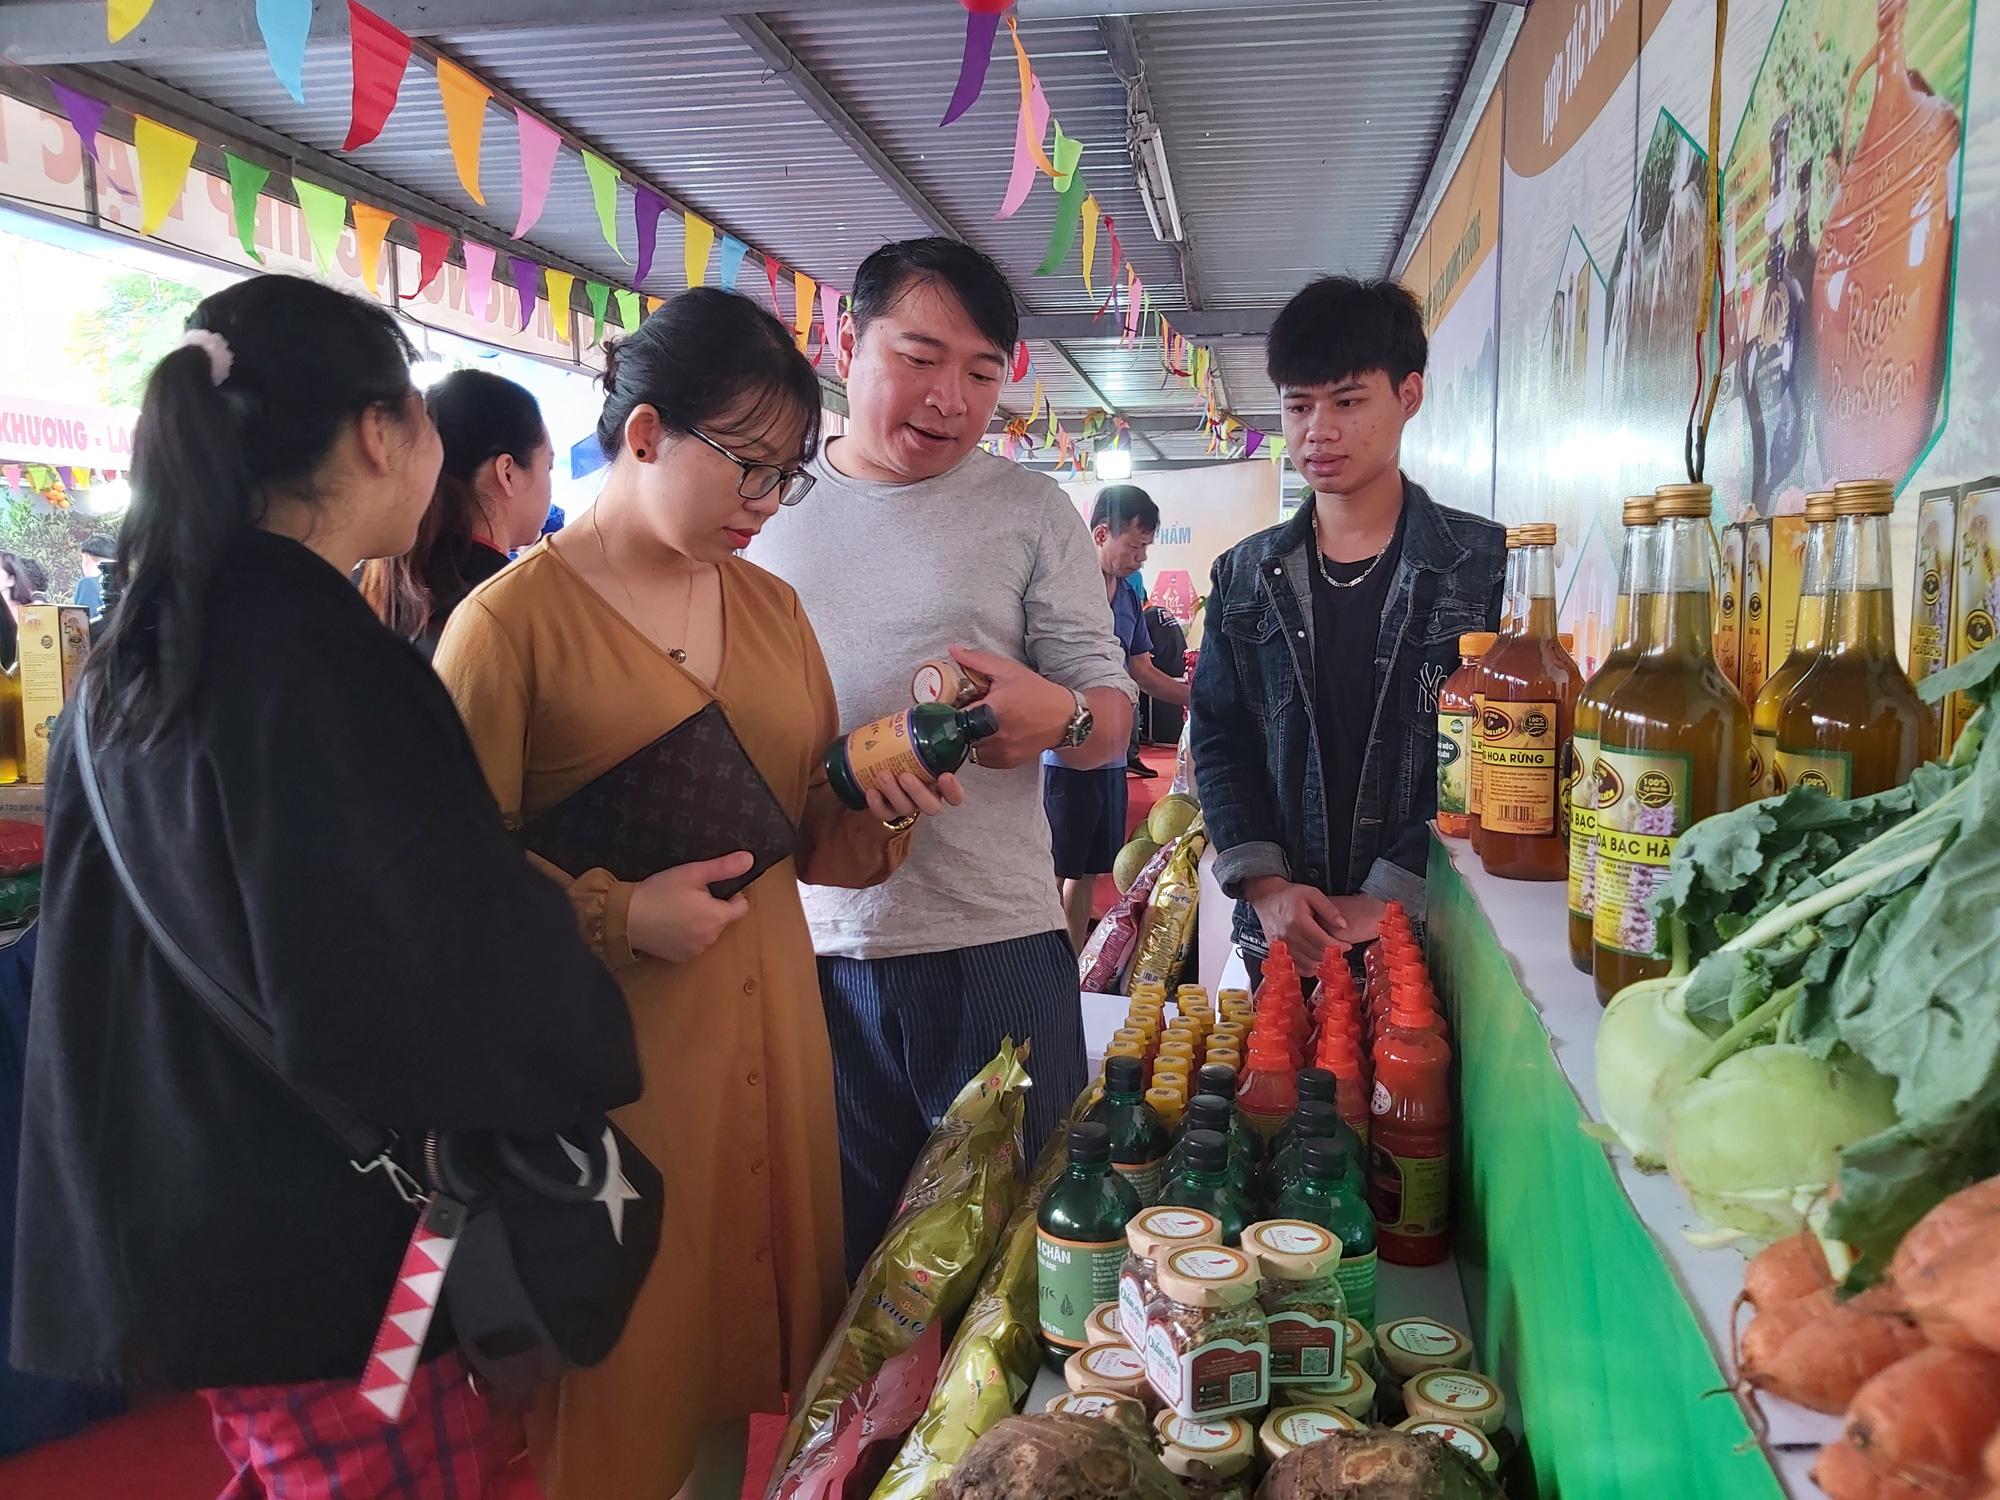 """Quýt ngọt, gạo Séng Cù, bưởi Múc...của huyện Mường Khương """"đổ bộ"""" xuống Thủ đô, người dân mê mẩn mua về ăn thử - Ảnh 6."""